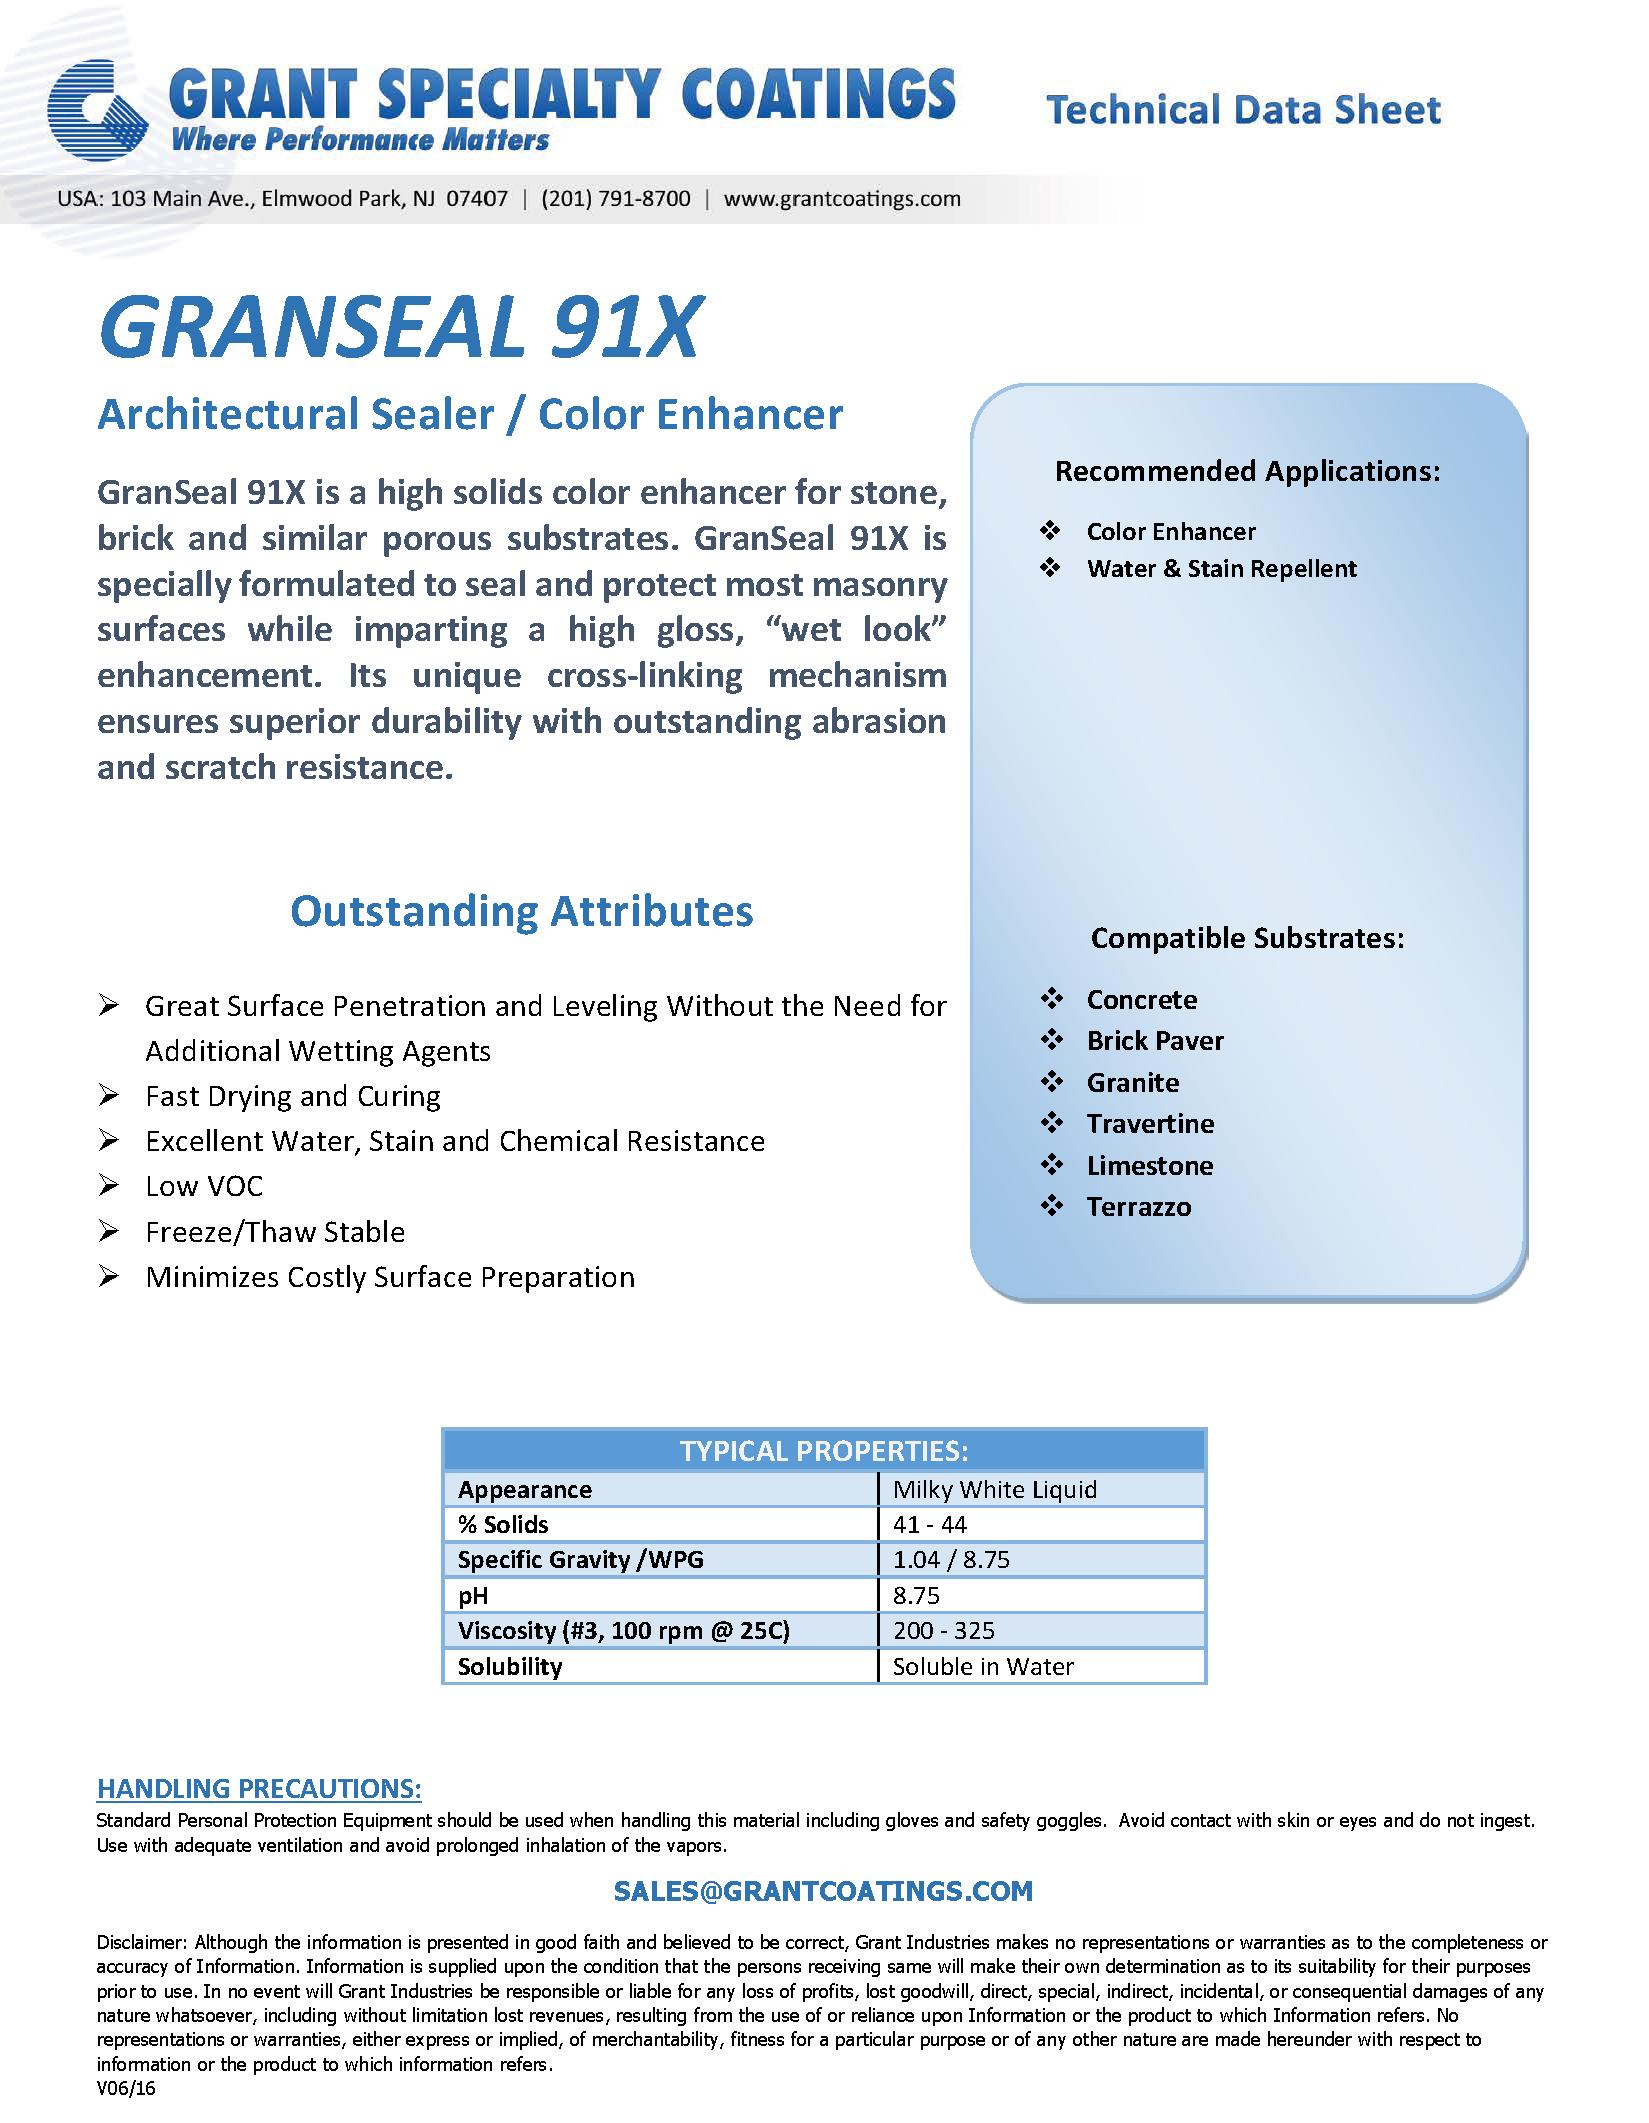 Architectural Sealer Color Enhancer GRANSEAL 91X